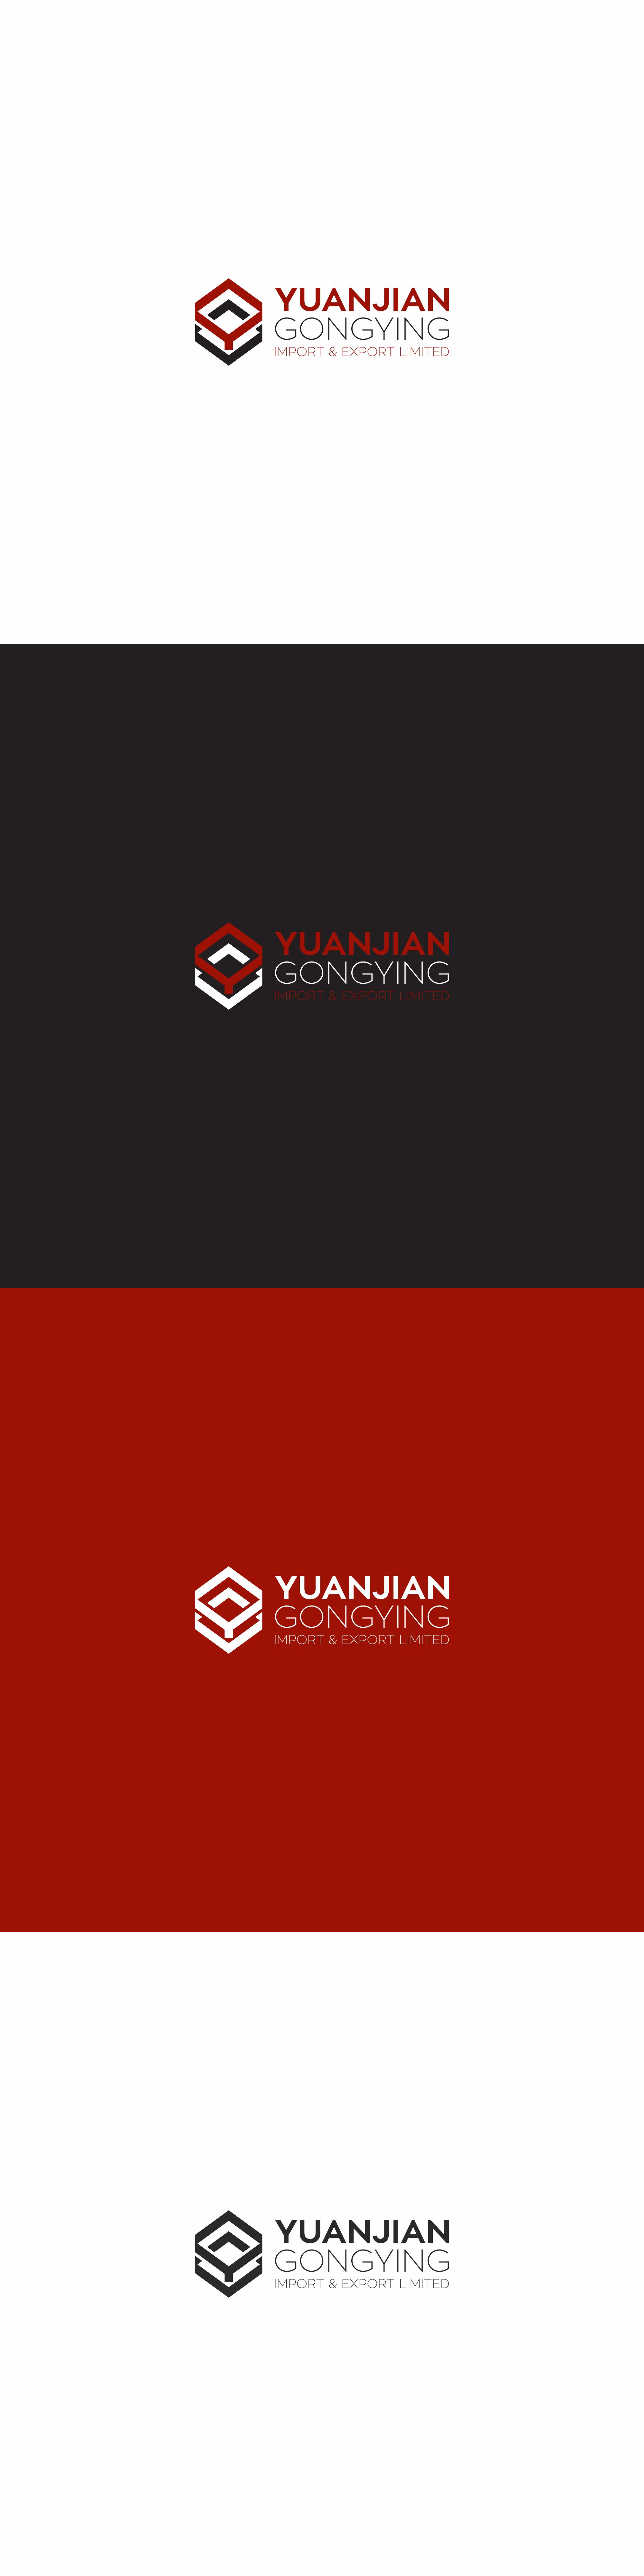 Логотип и фирменный стиль фото f_6285ae03e9ea0d39.jpg